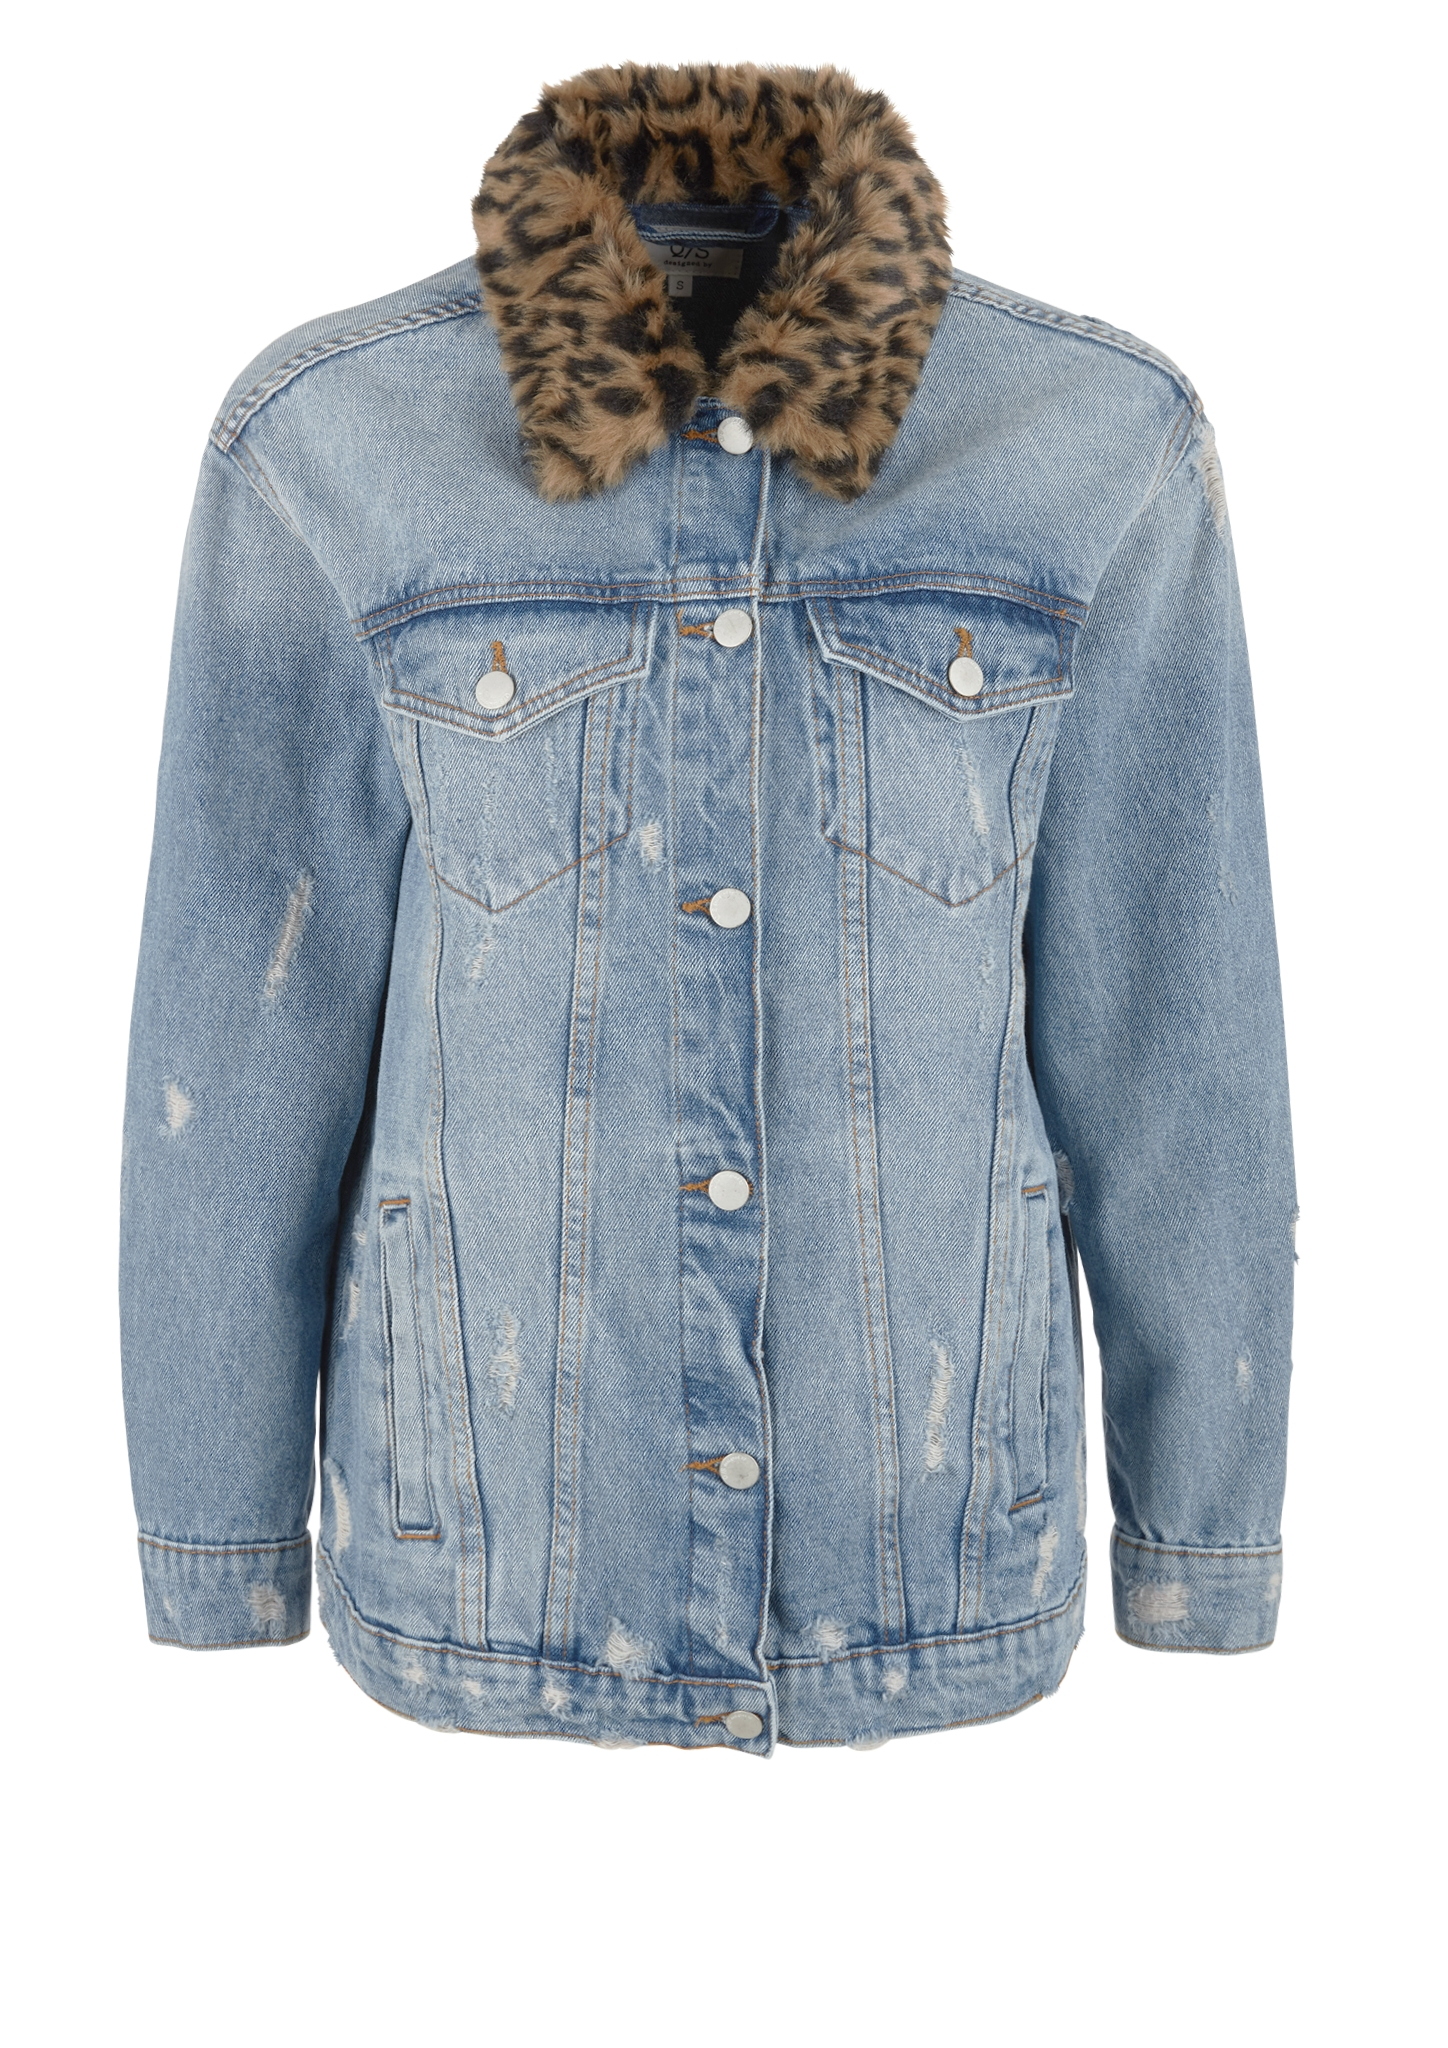 b0bda921682b Jeansjacken für Damen online kaufen   Damenmode-Suchmaschine ...